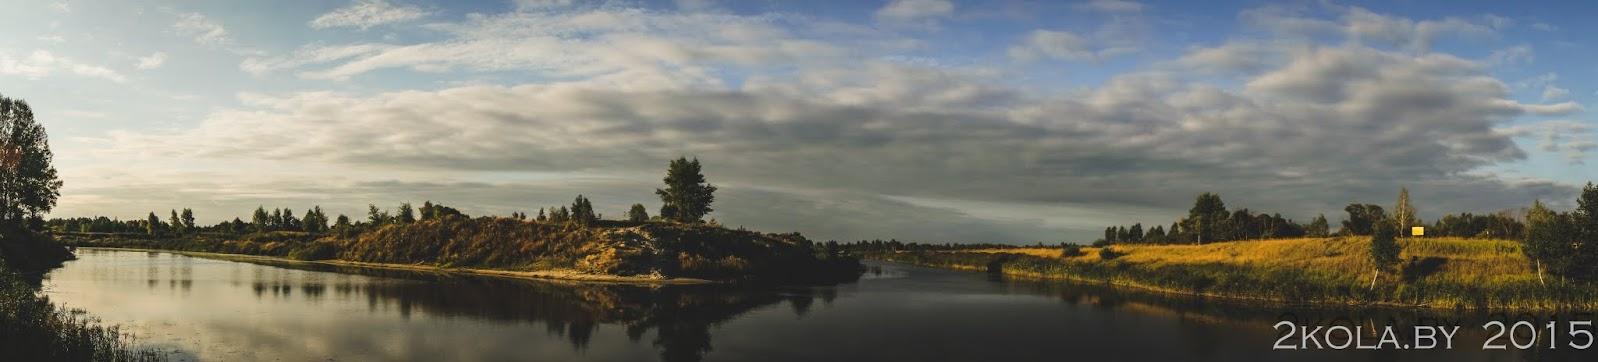 панарама Днепроўска Бугскага канала